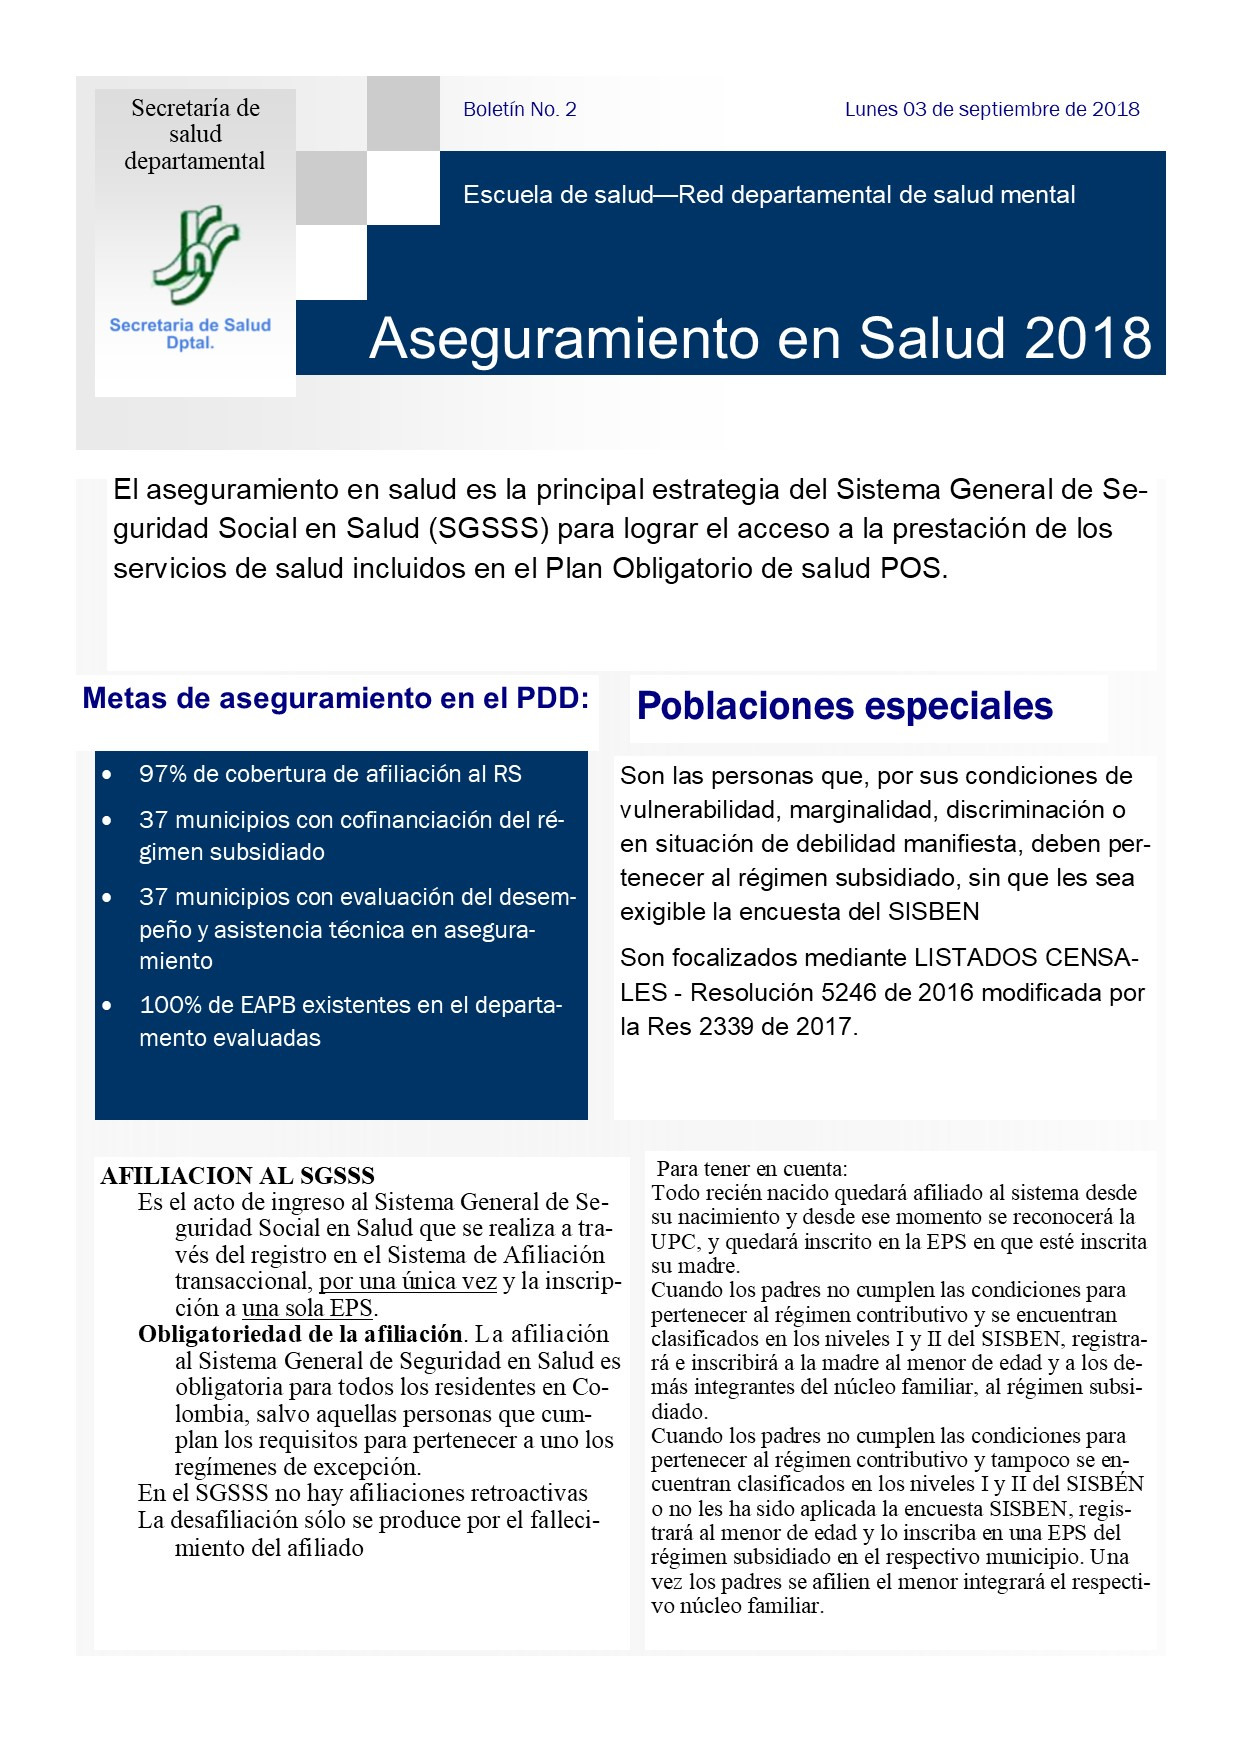 Boletín No. 2 de la Escuela de formación en Salud.